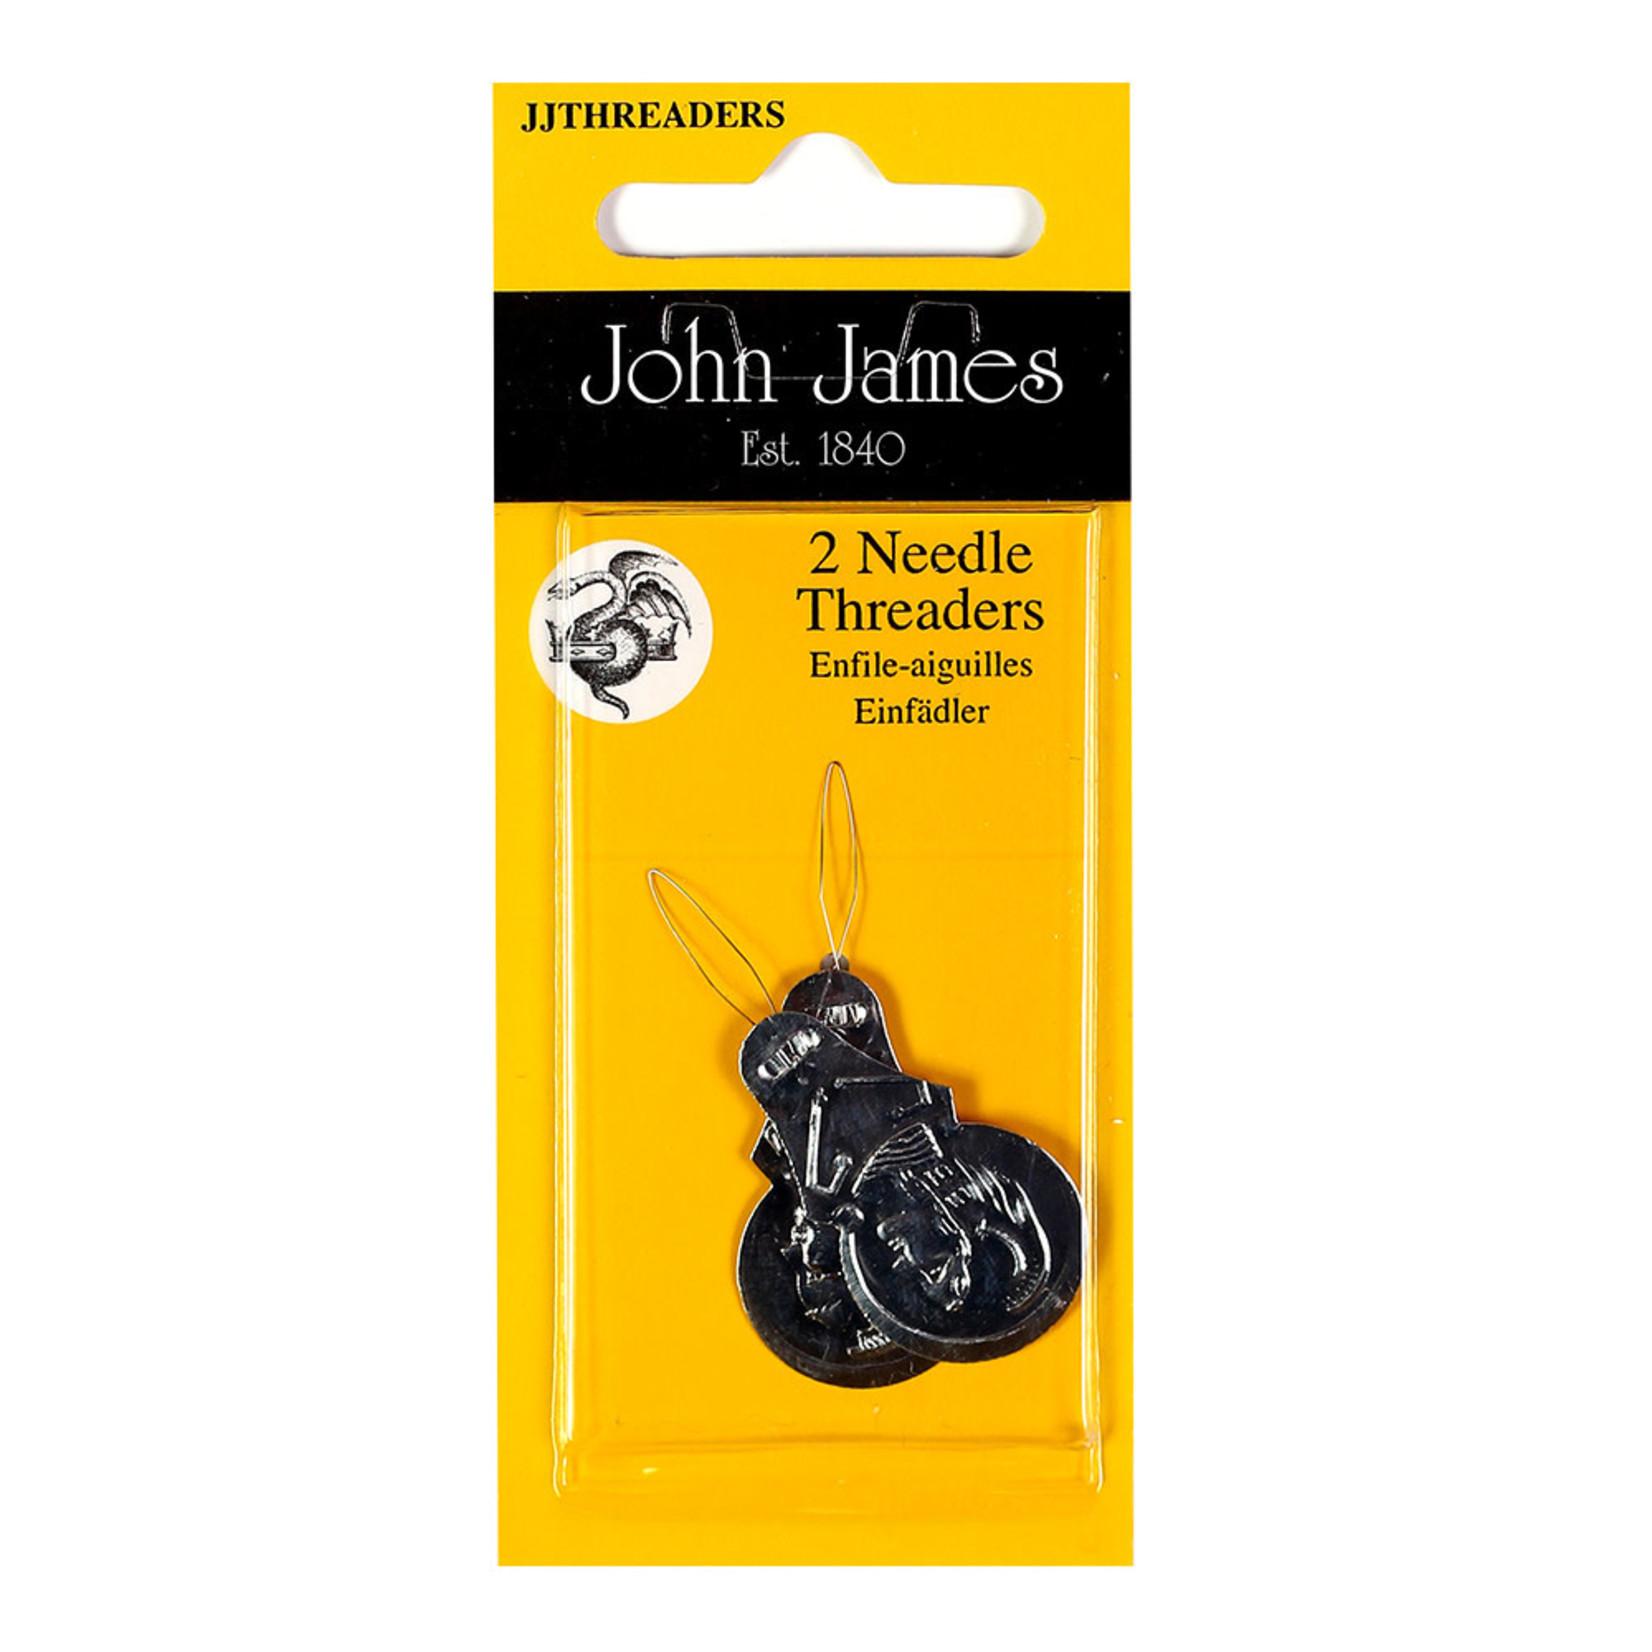 JOHN JAMES NEEDLE THREADER (2 PACK)